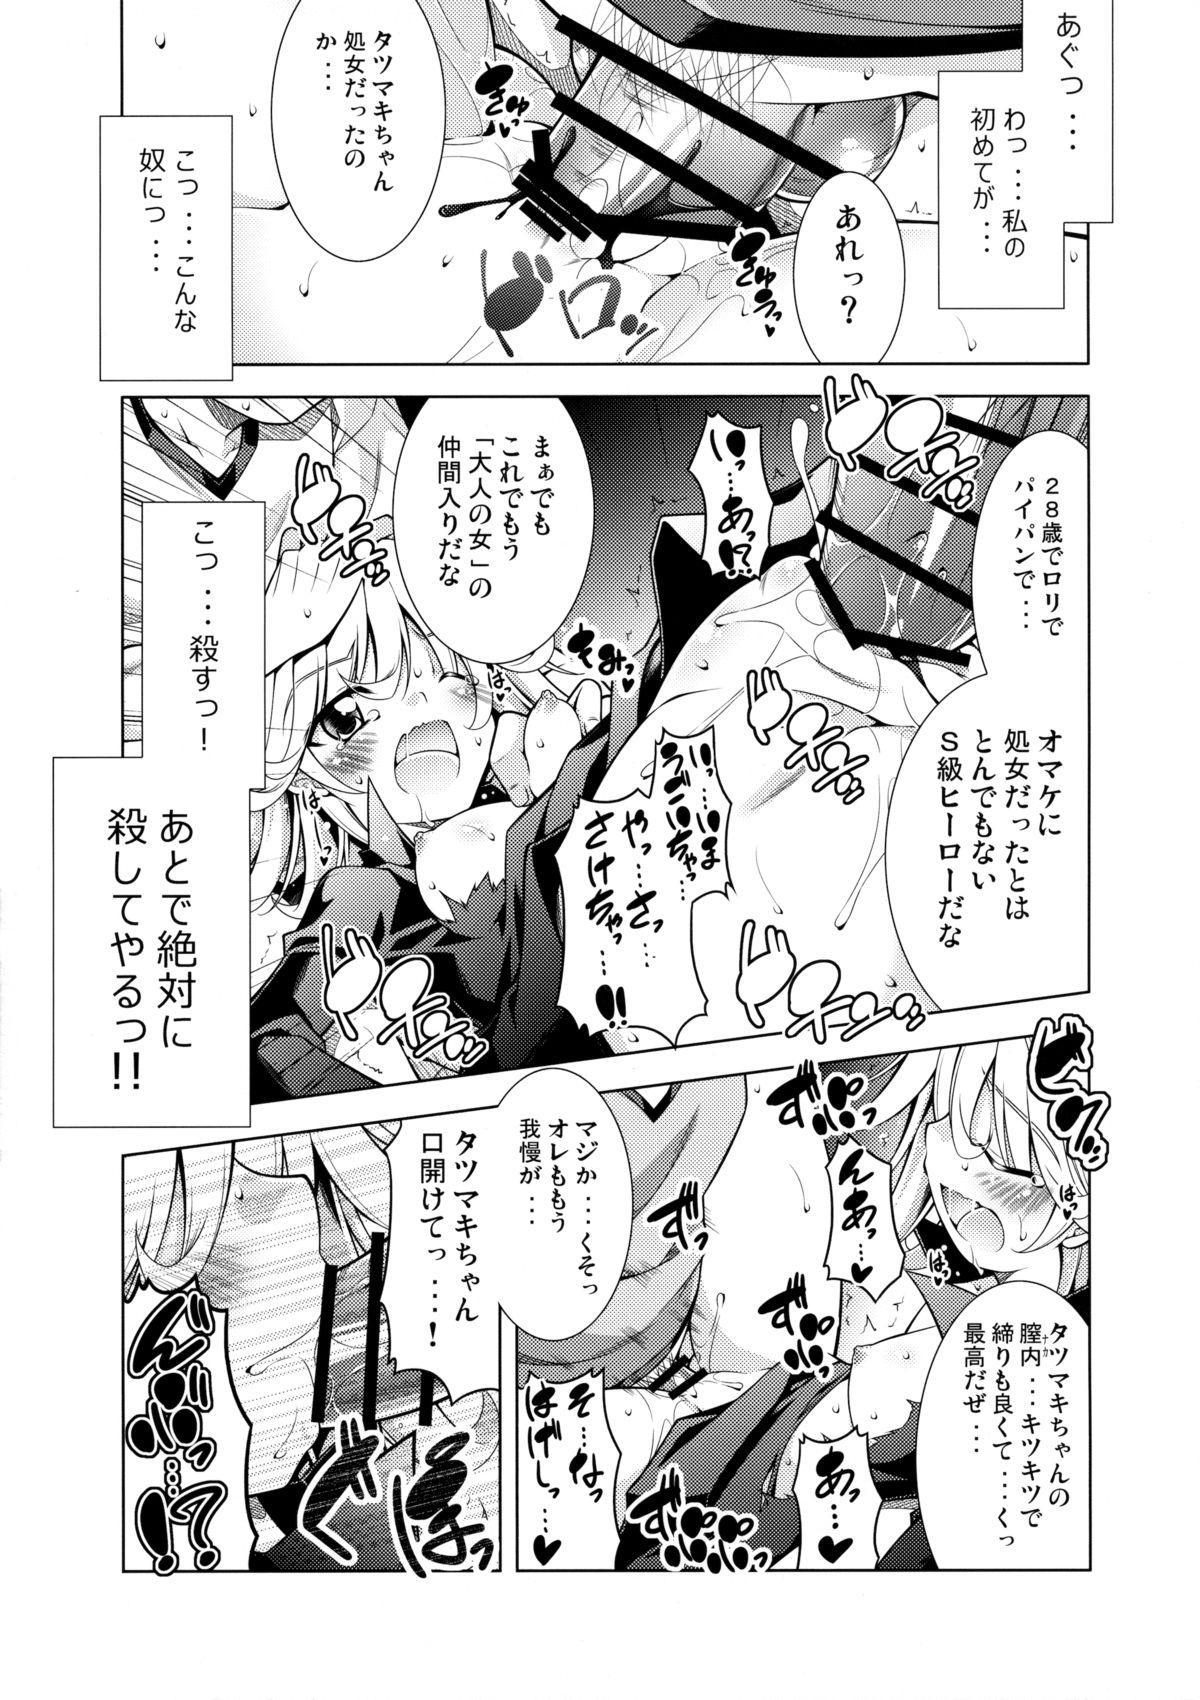 Senritsu no Tatsumaki Ryousan Keikaku 11